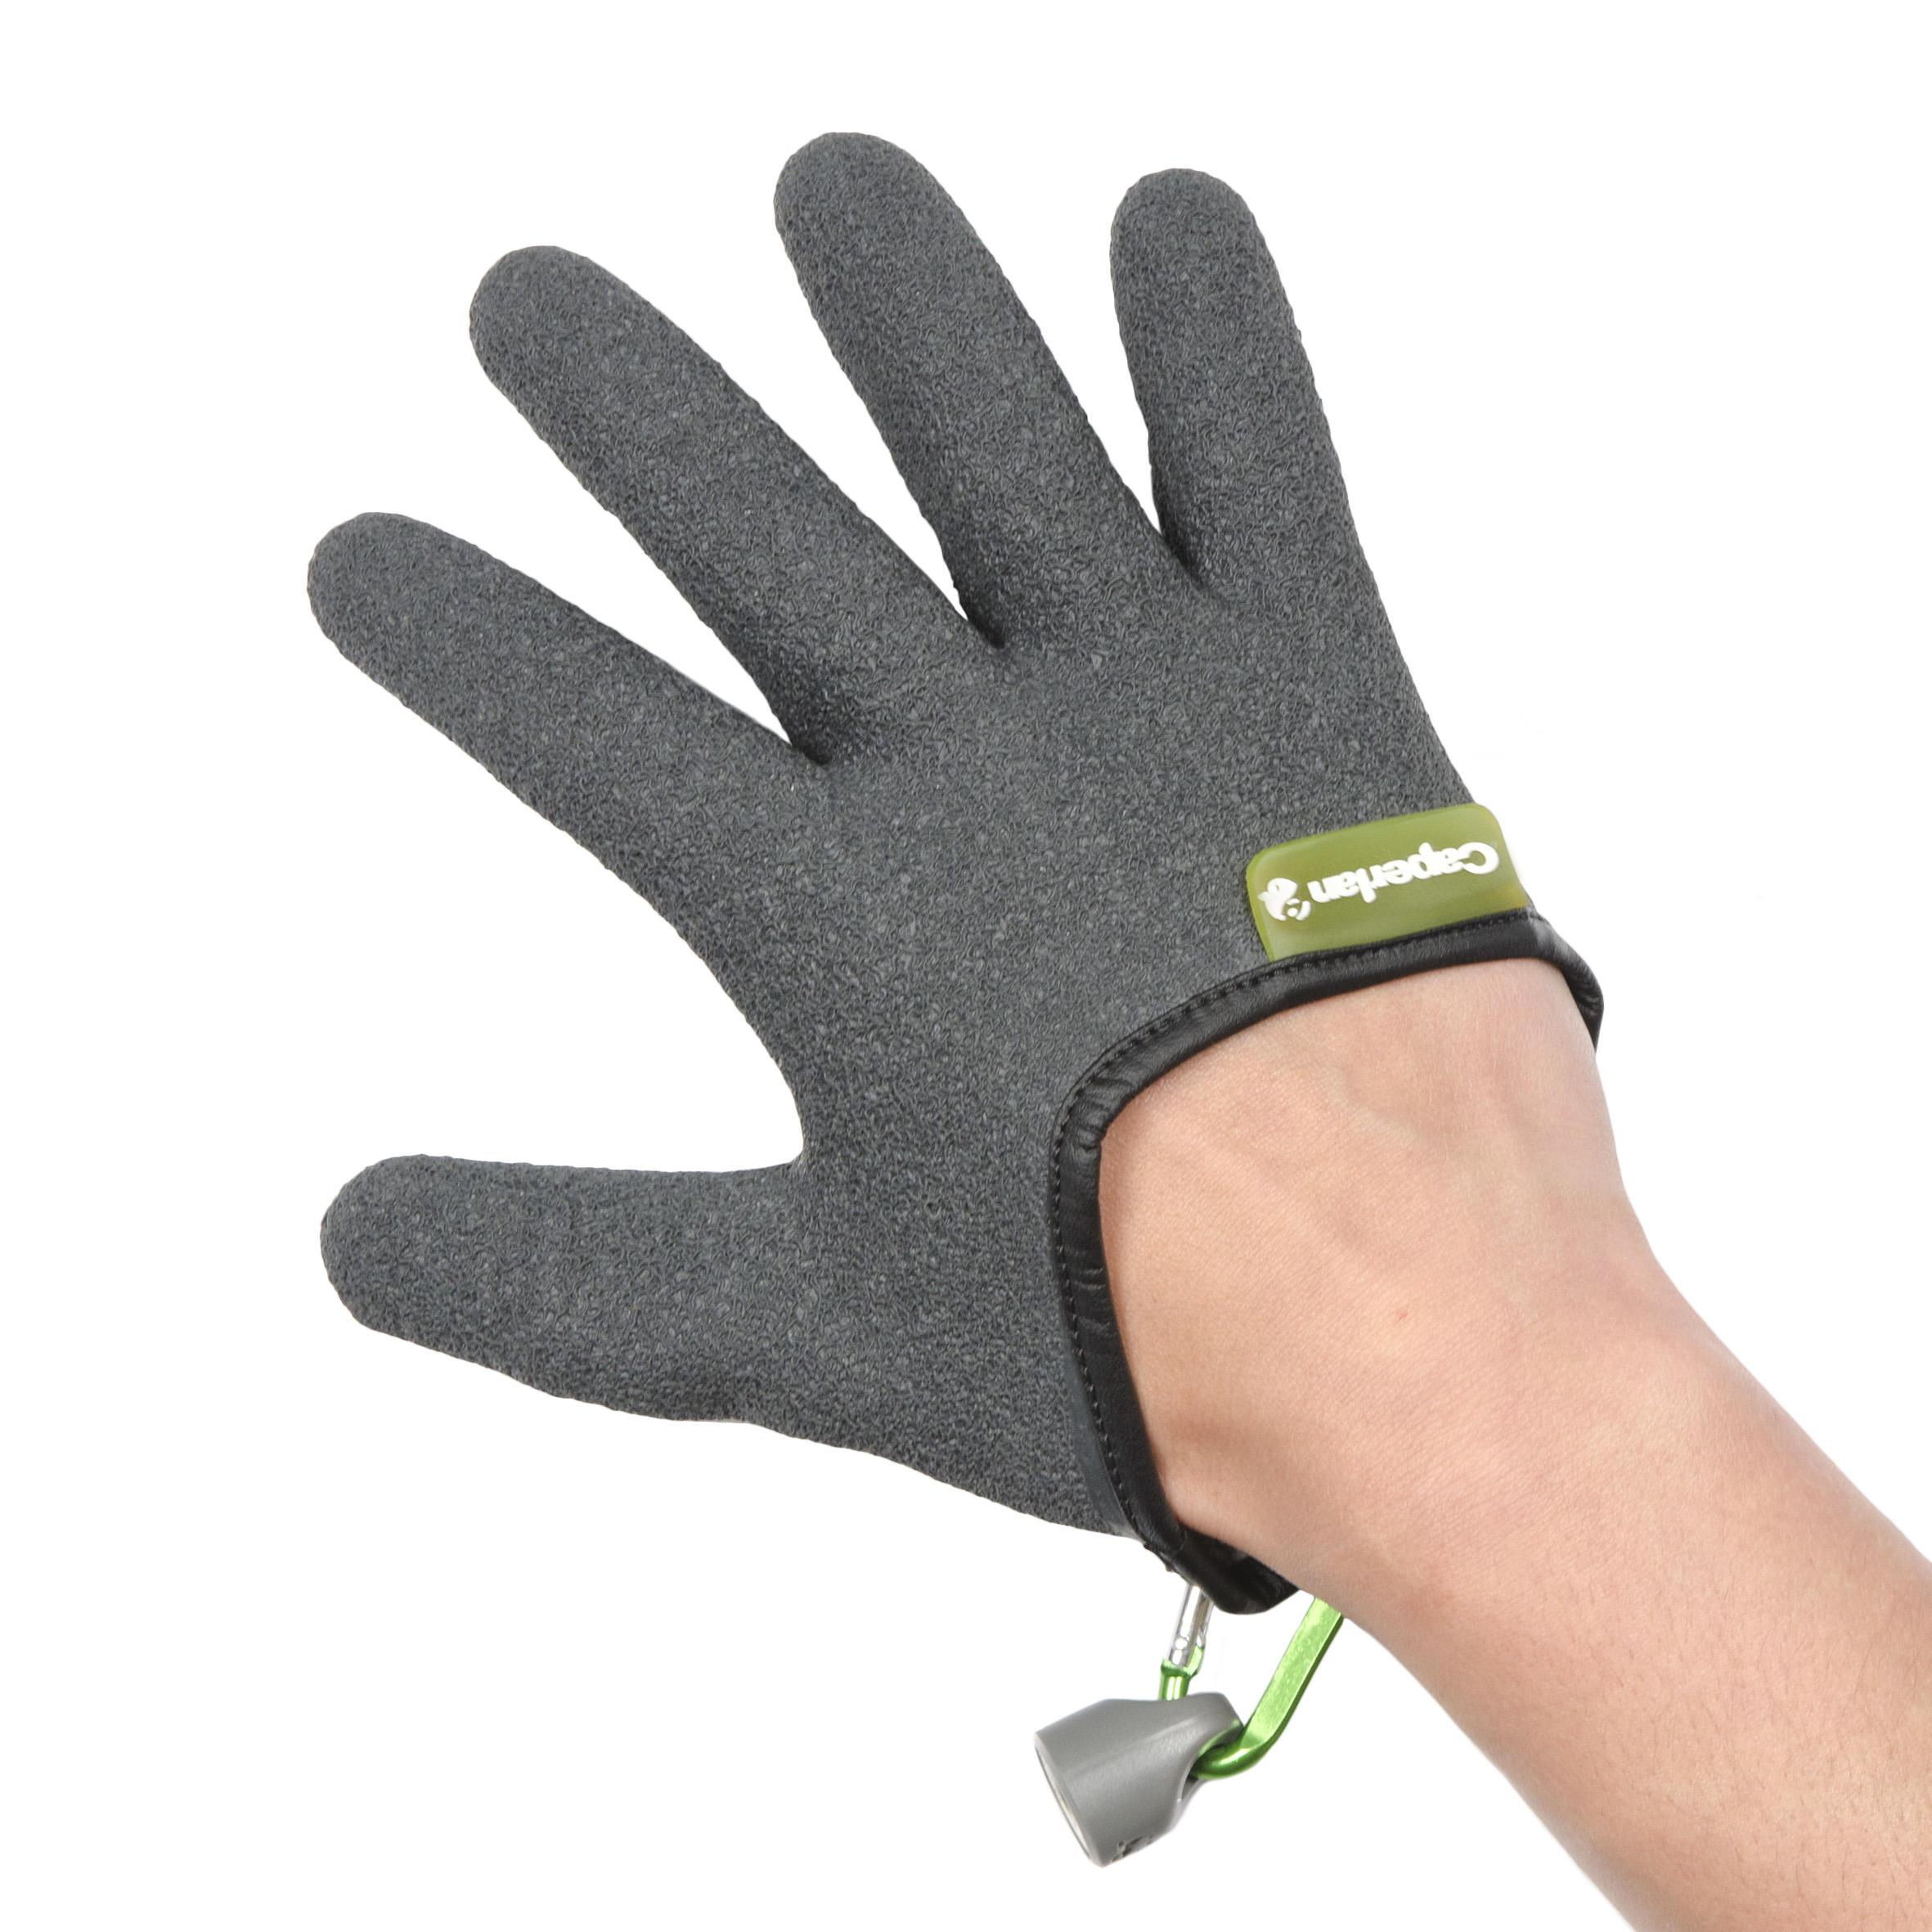 Caperlan Vishandschoen Easy Protect linkerhand kopen